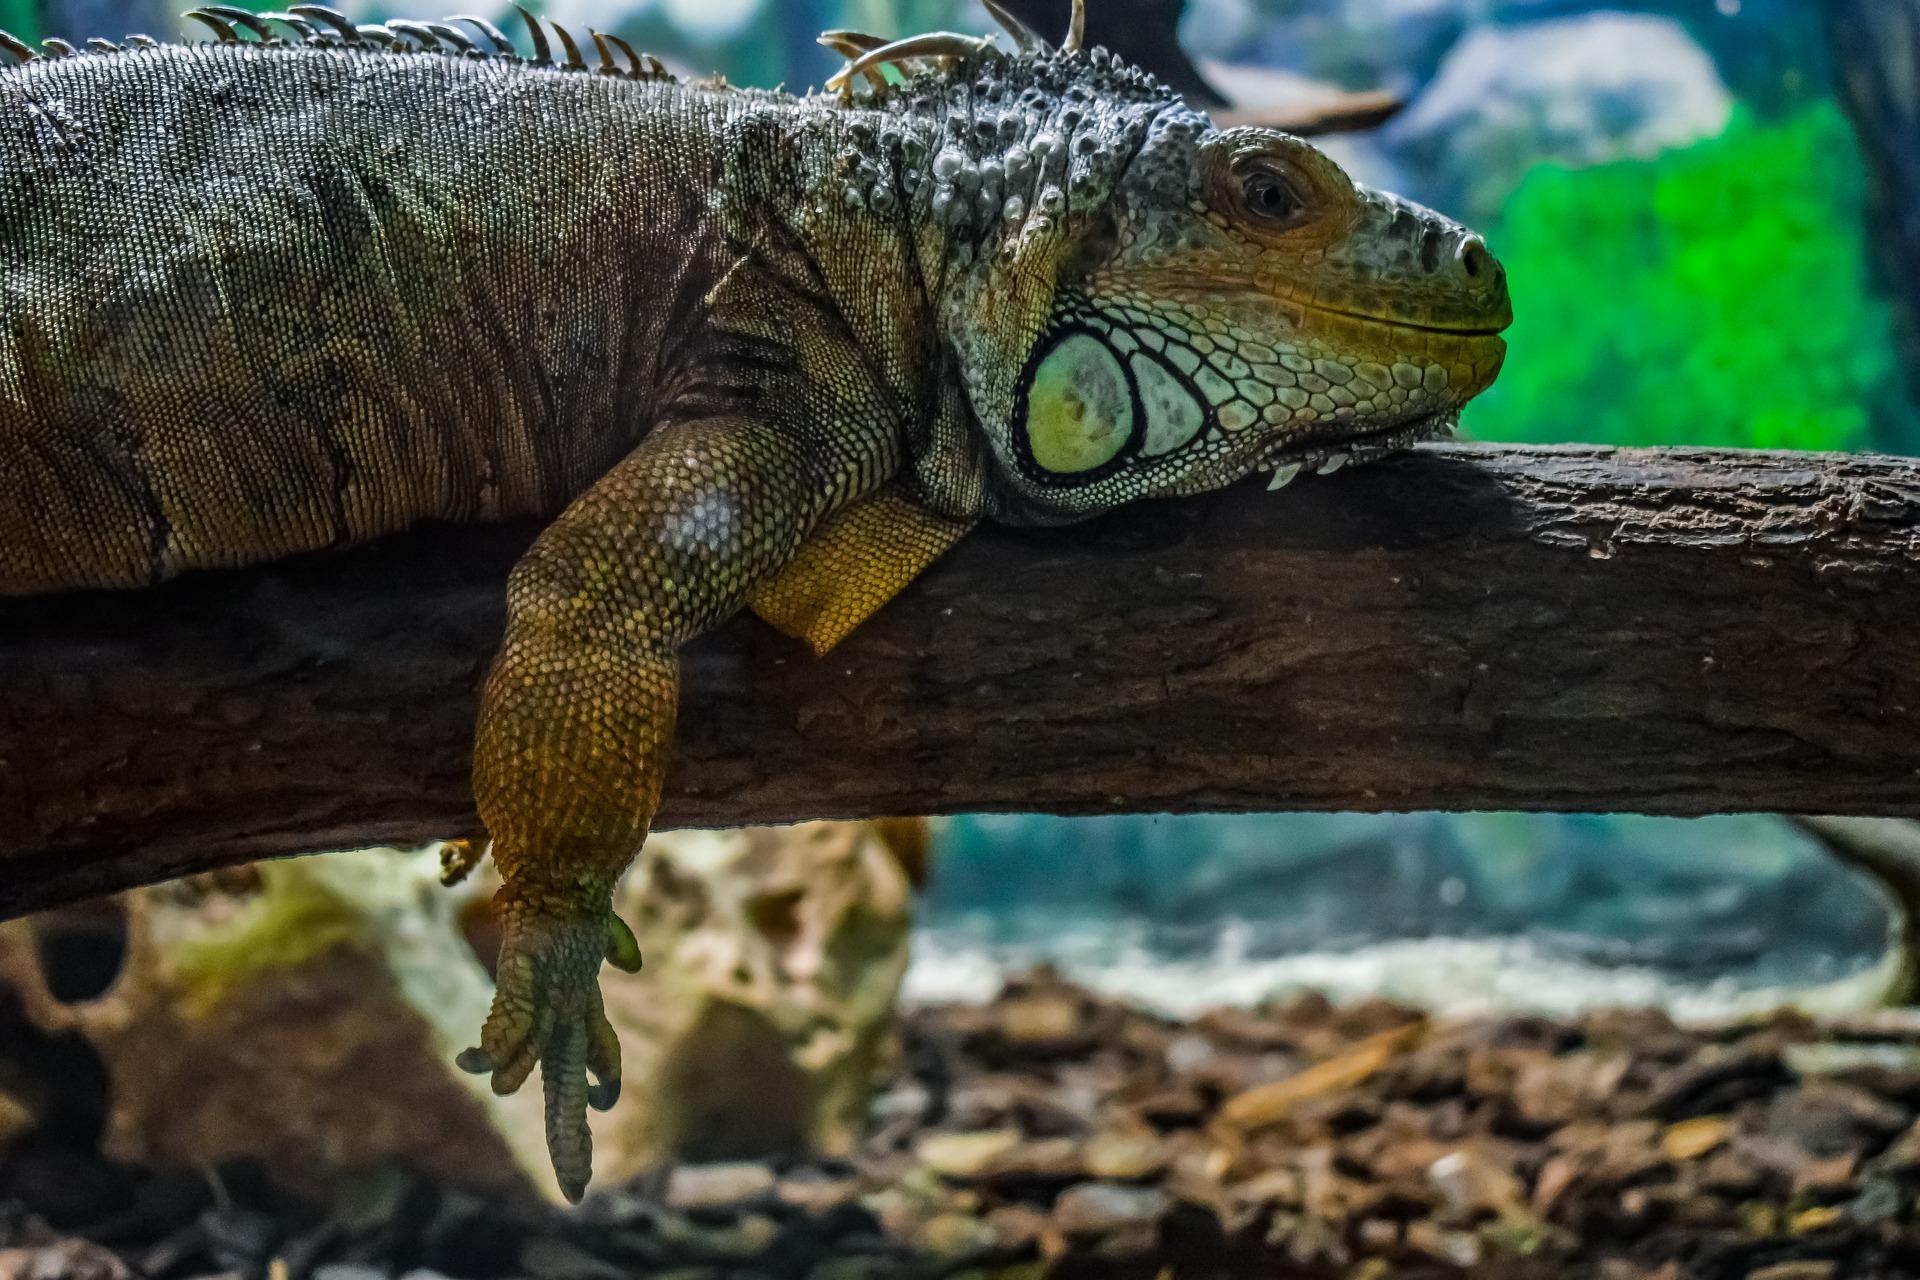 Do Iguanas Make Good Pets